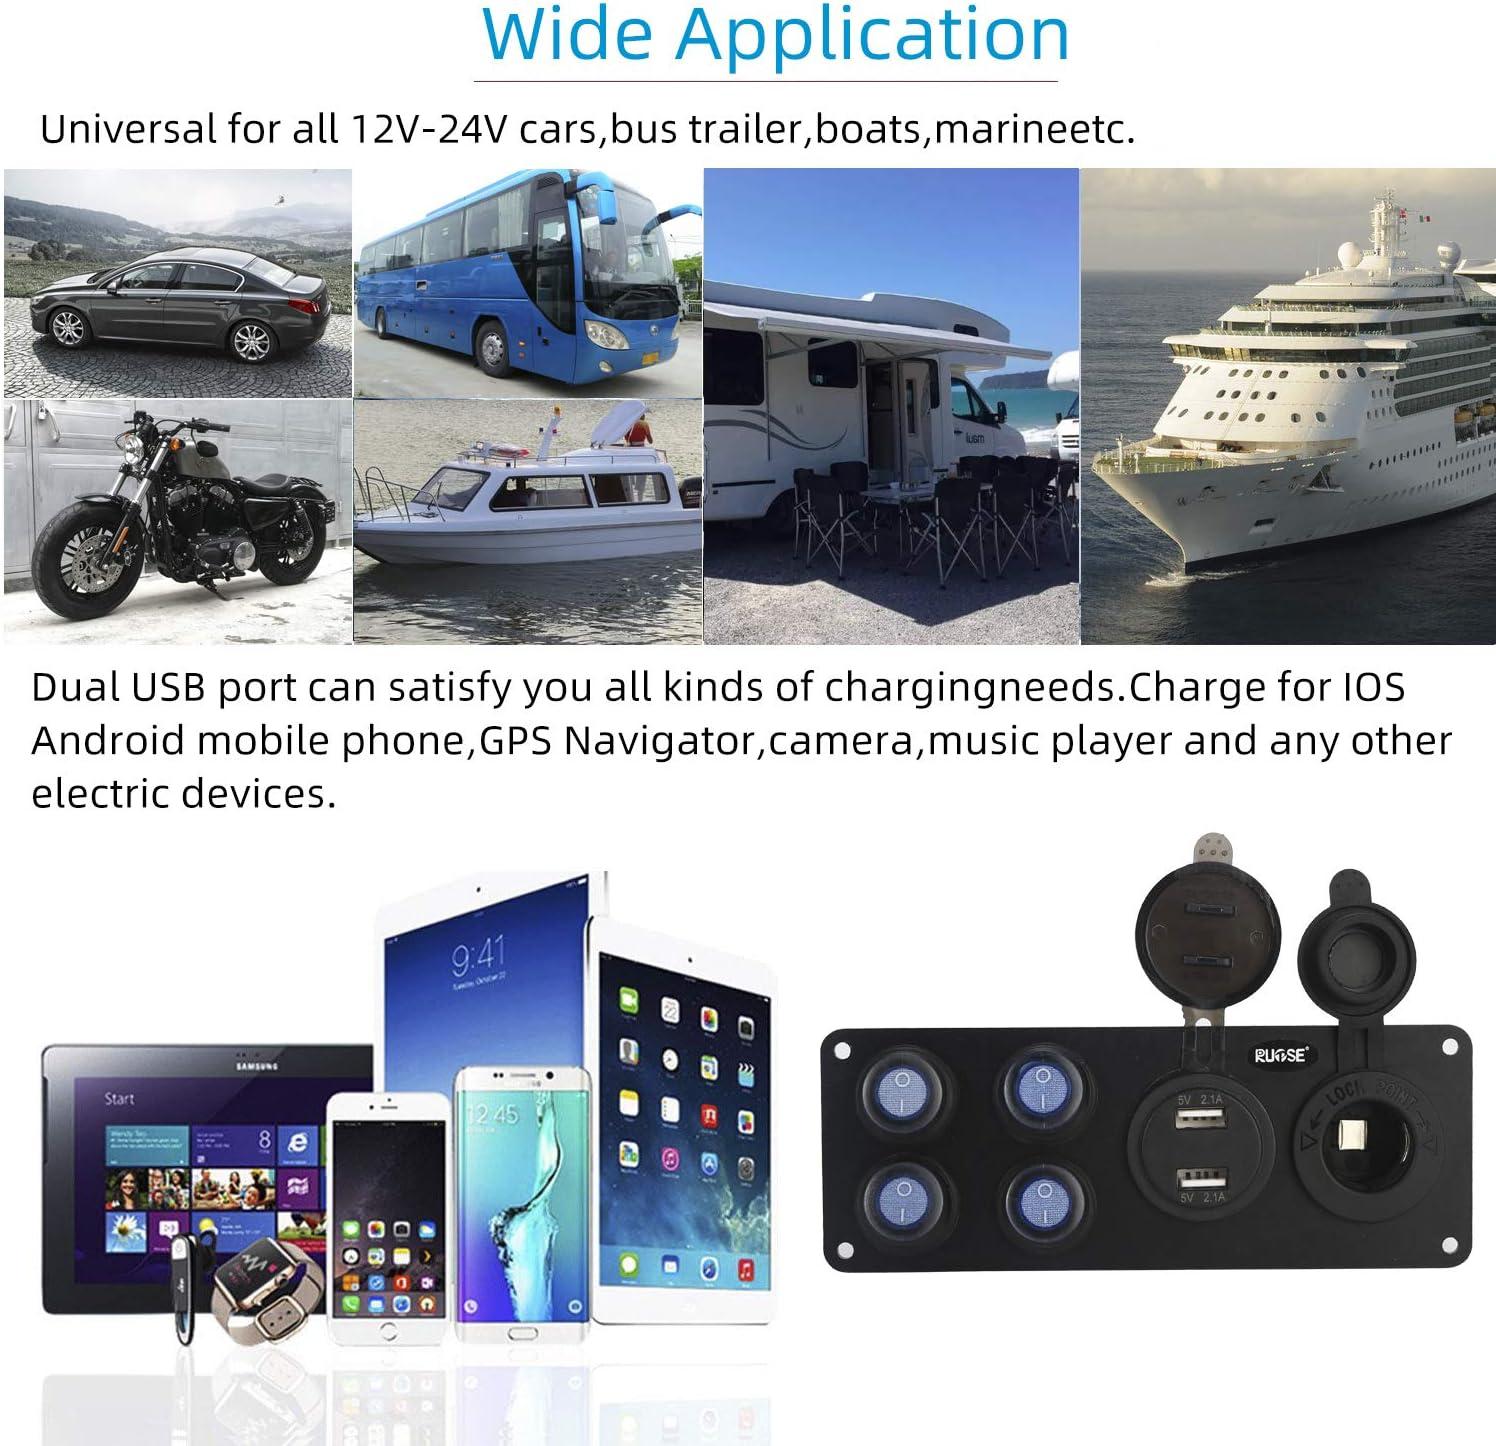 colore: nero Universal 12V Automobile Moto Piedistallo Auto Barca Moto Accendisigari Presa Presa Presa impermeabile